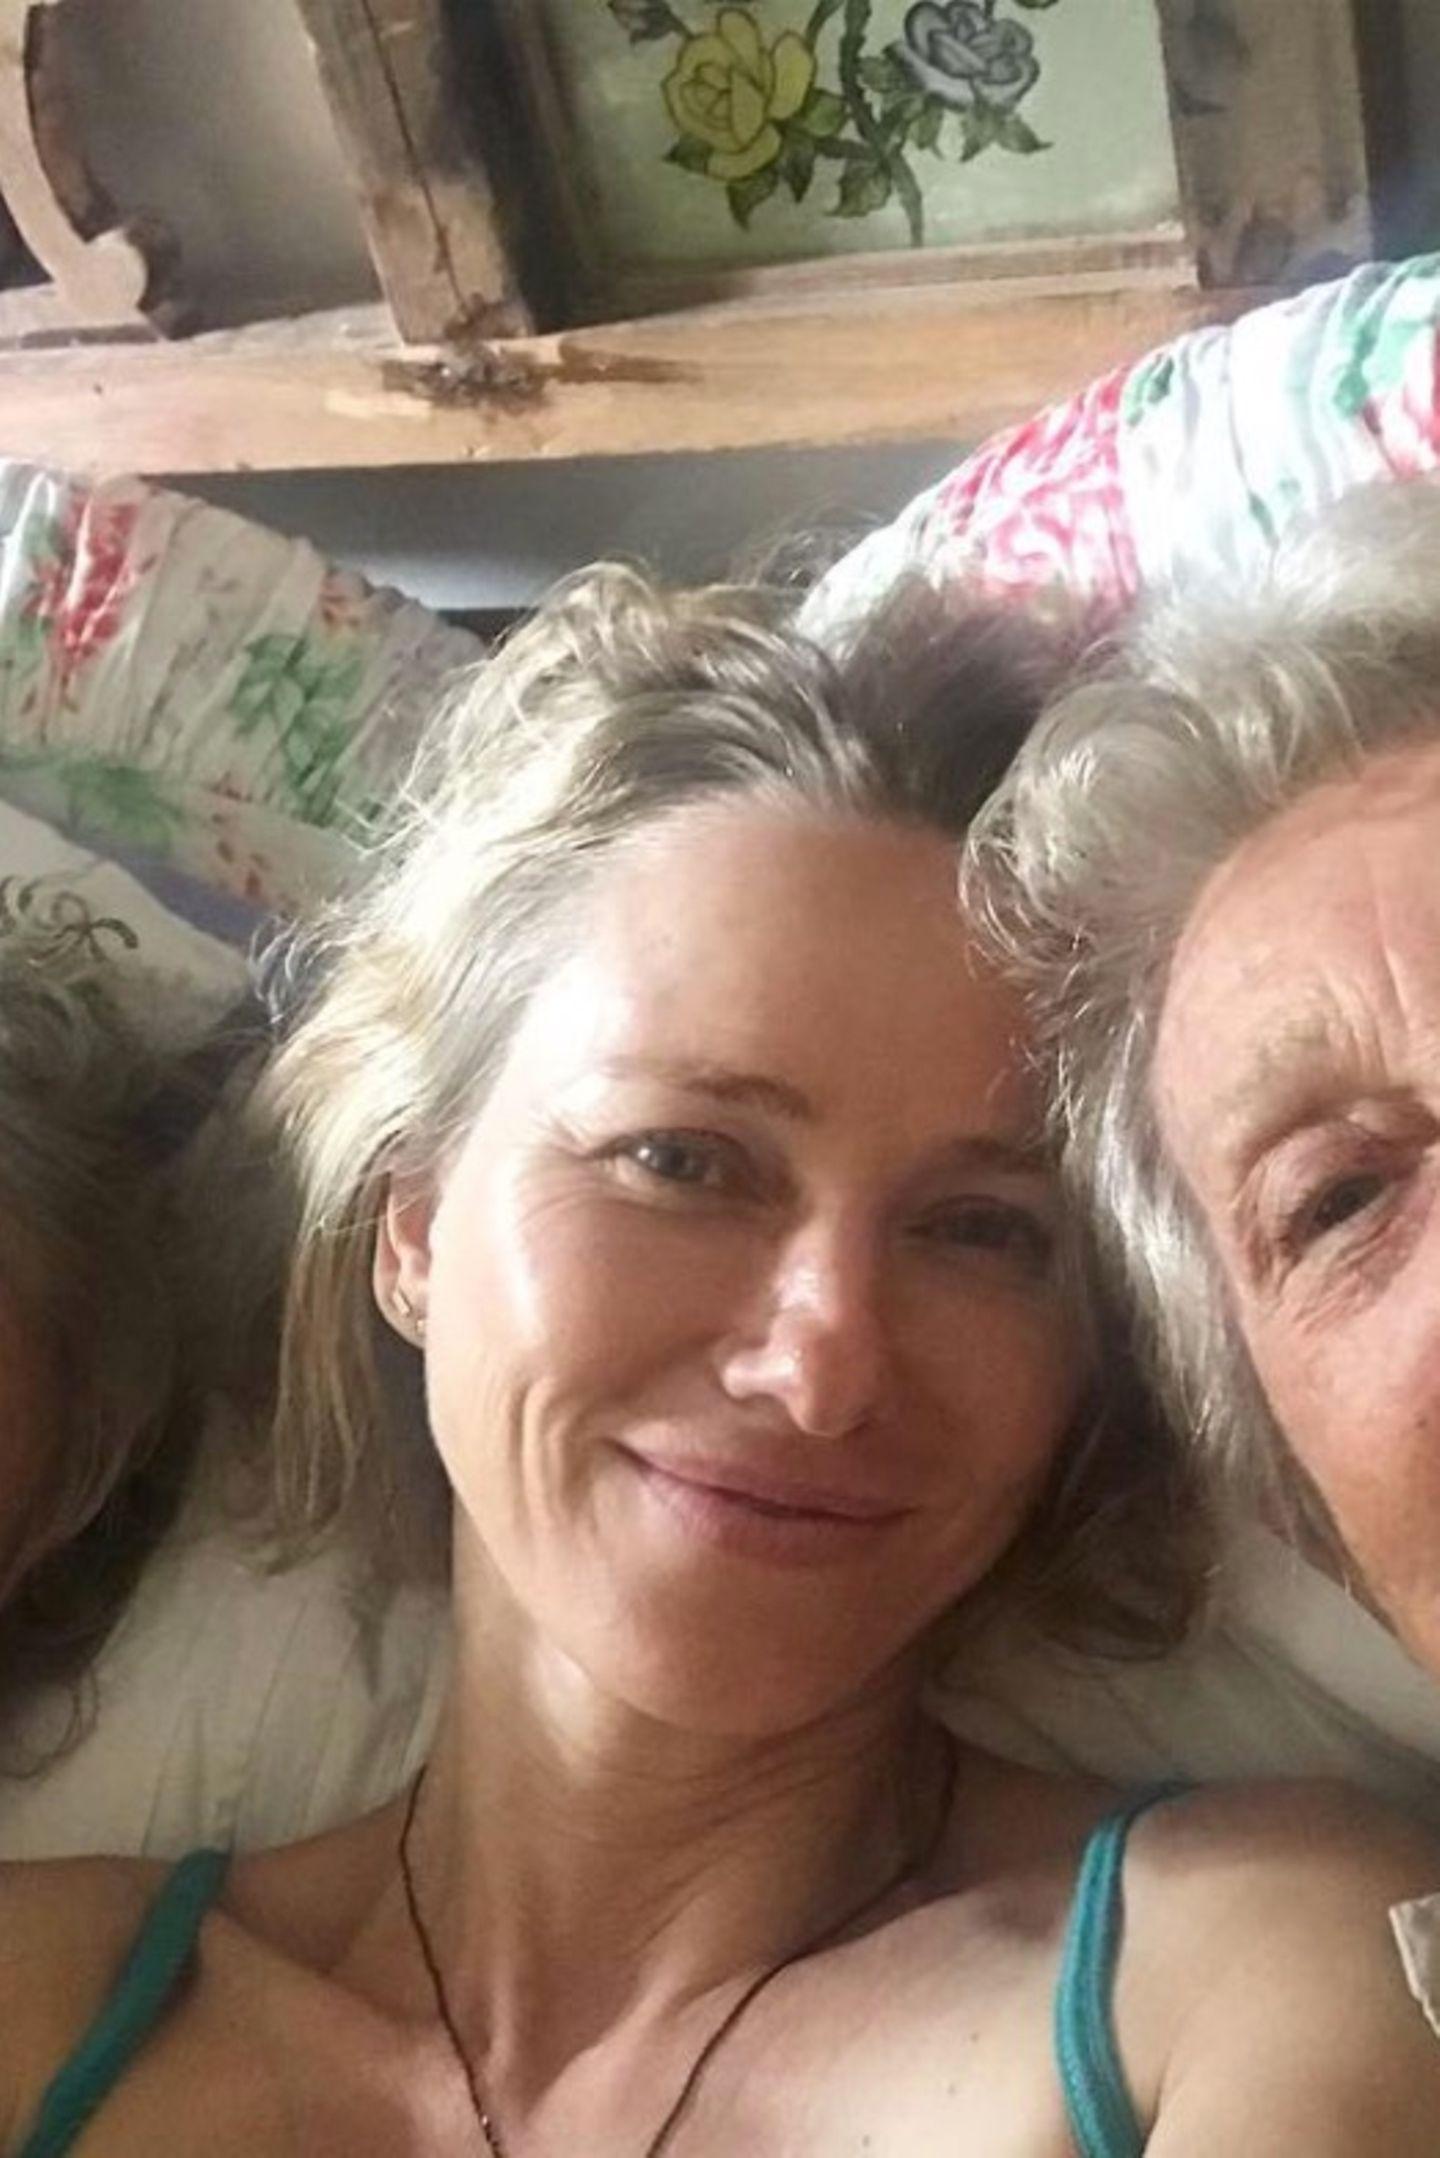 Drei Generationen auf einem Bild. Schauspielerin Naomi Watts kuschelt mit Mama, hier links auf dem Bild und Oma auf der Couch. Nach dann frohe Weihnachten!